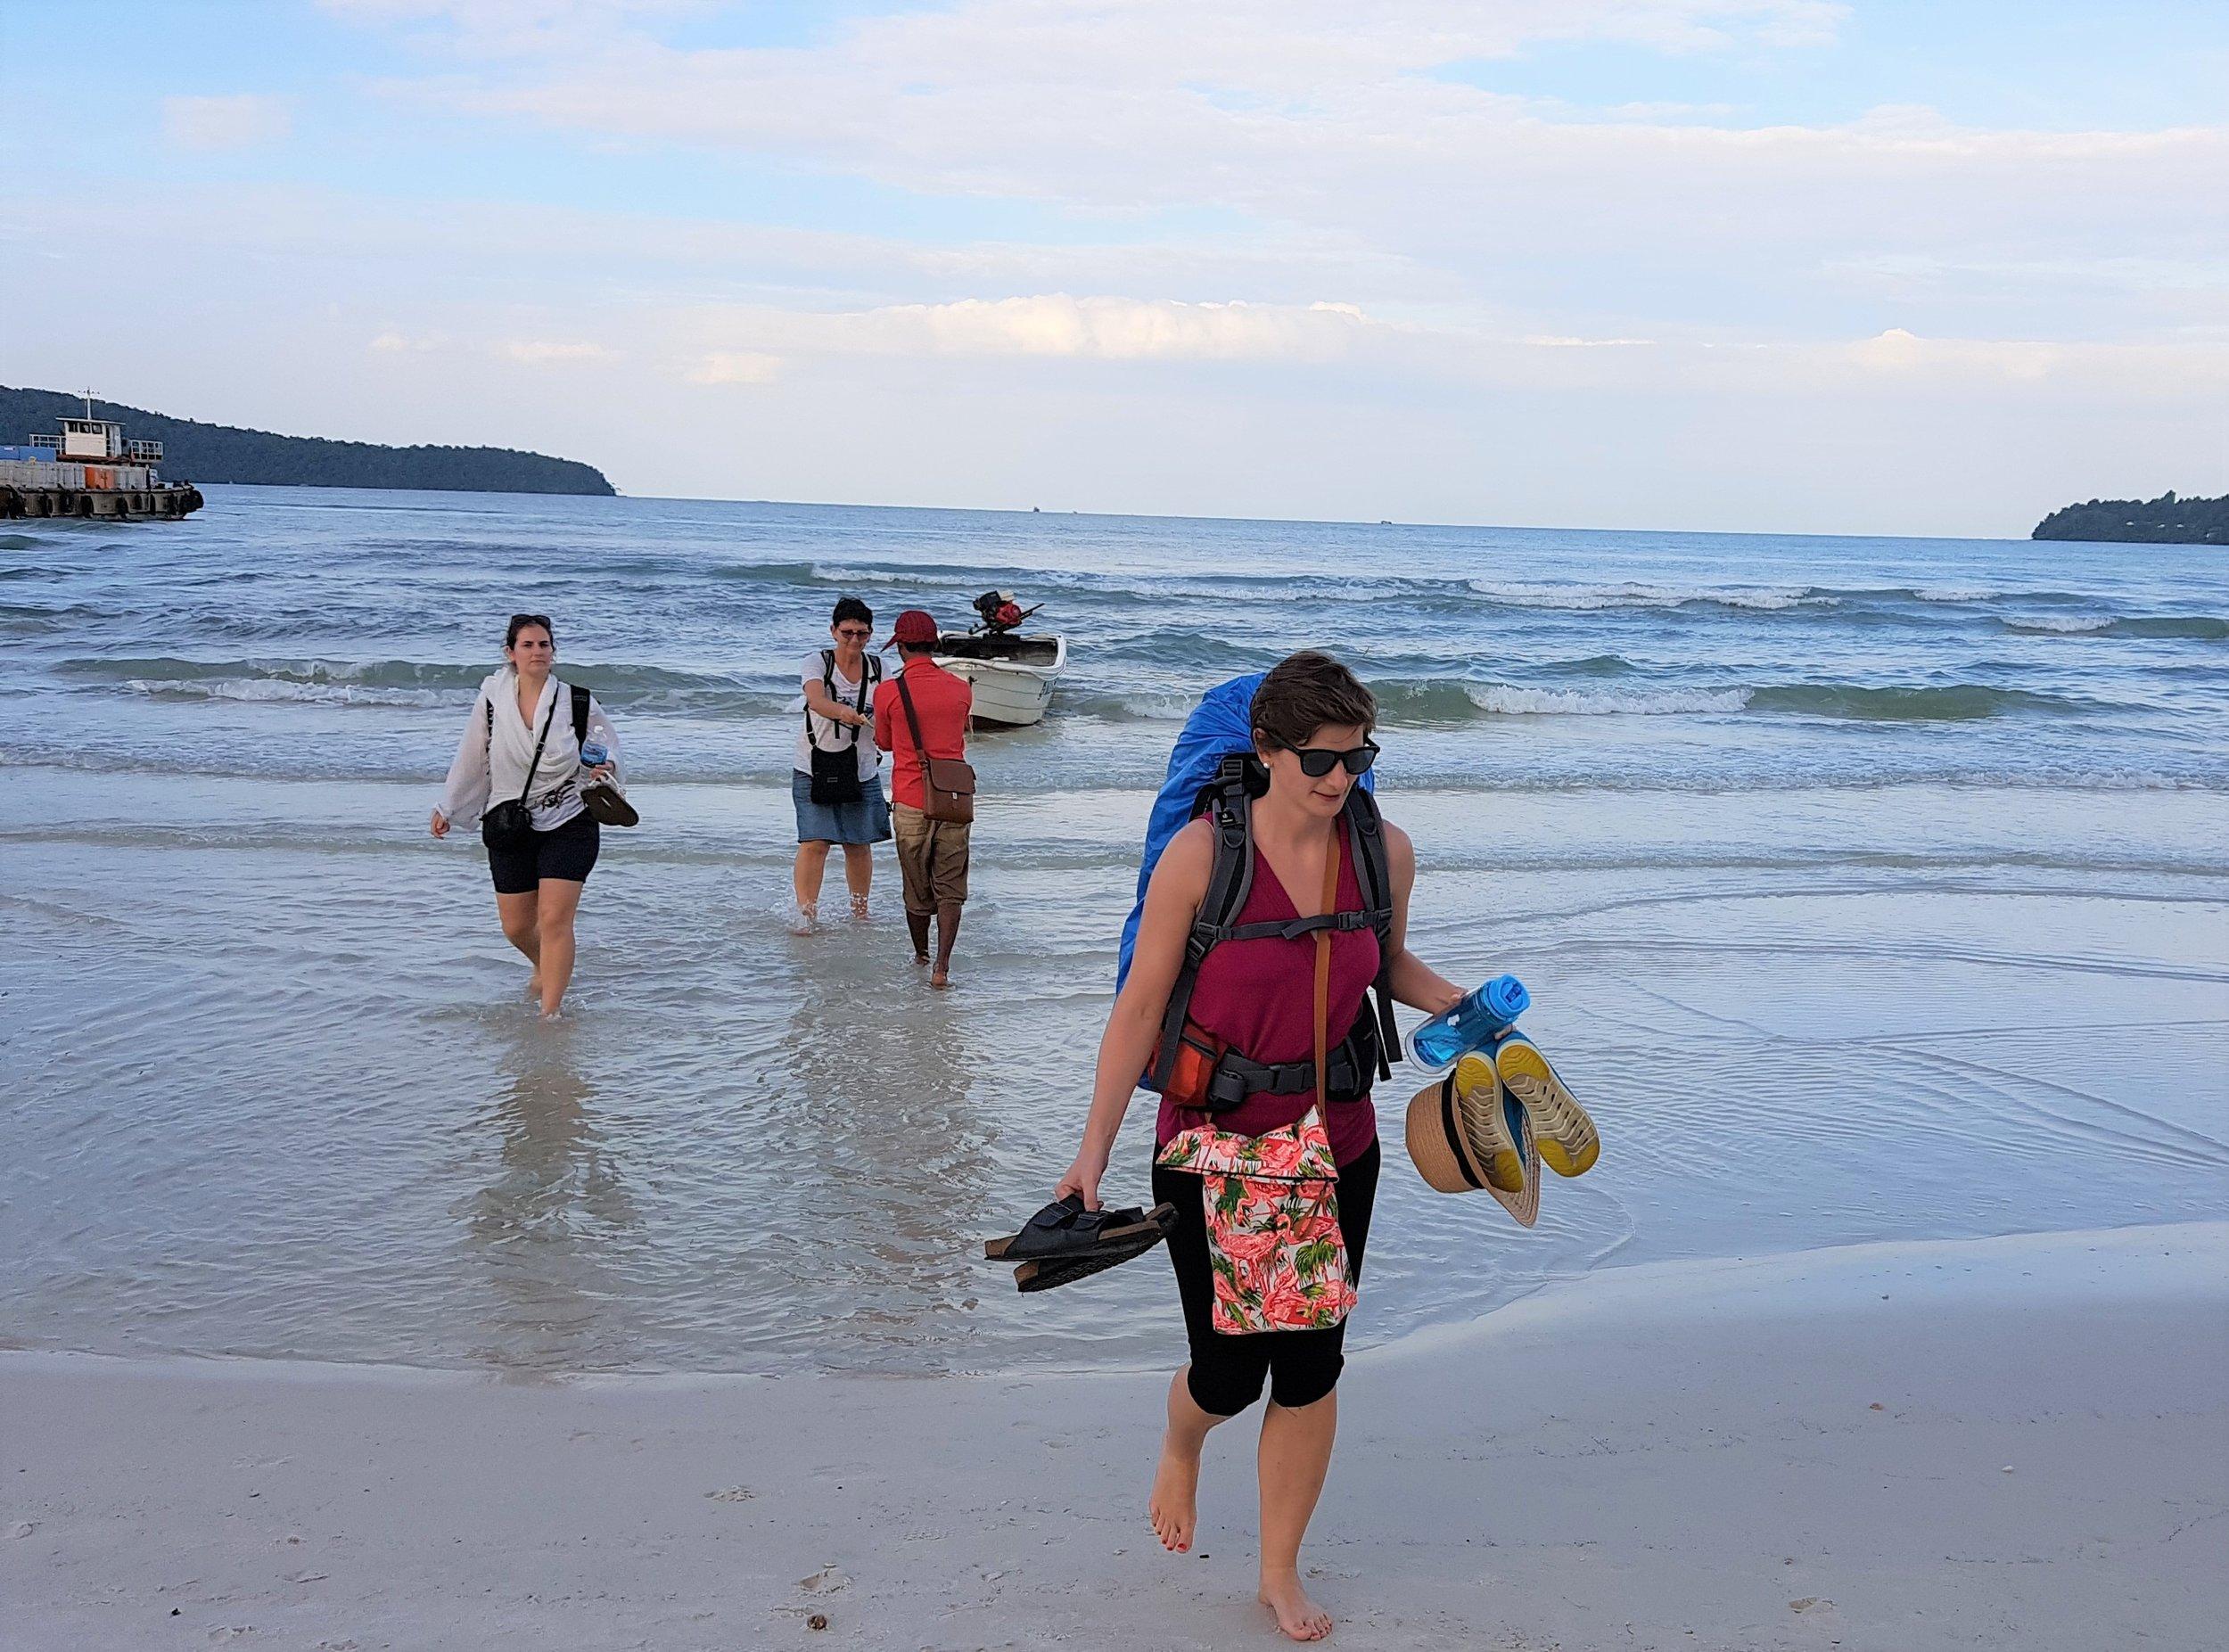 Arriving at Koh Rong Samloem island